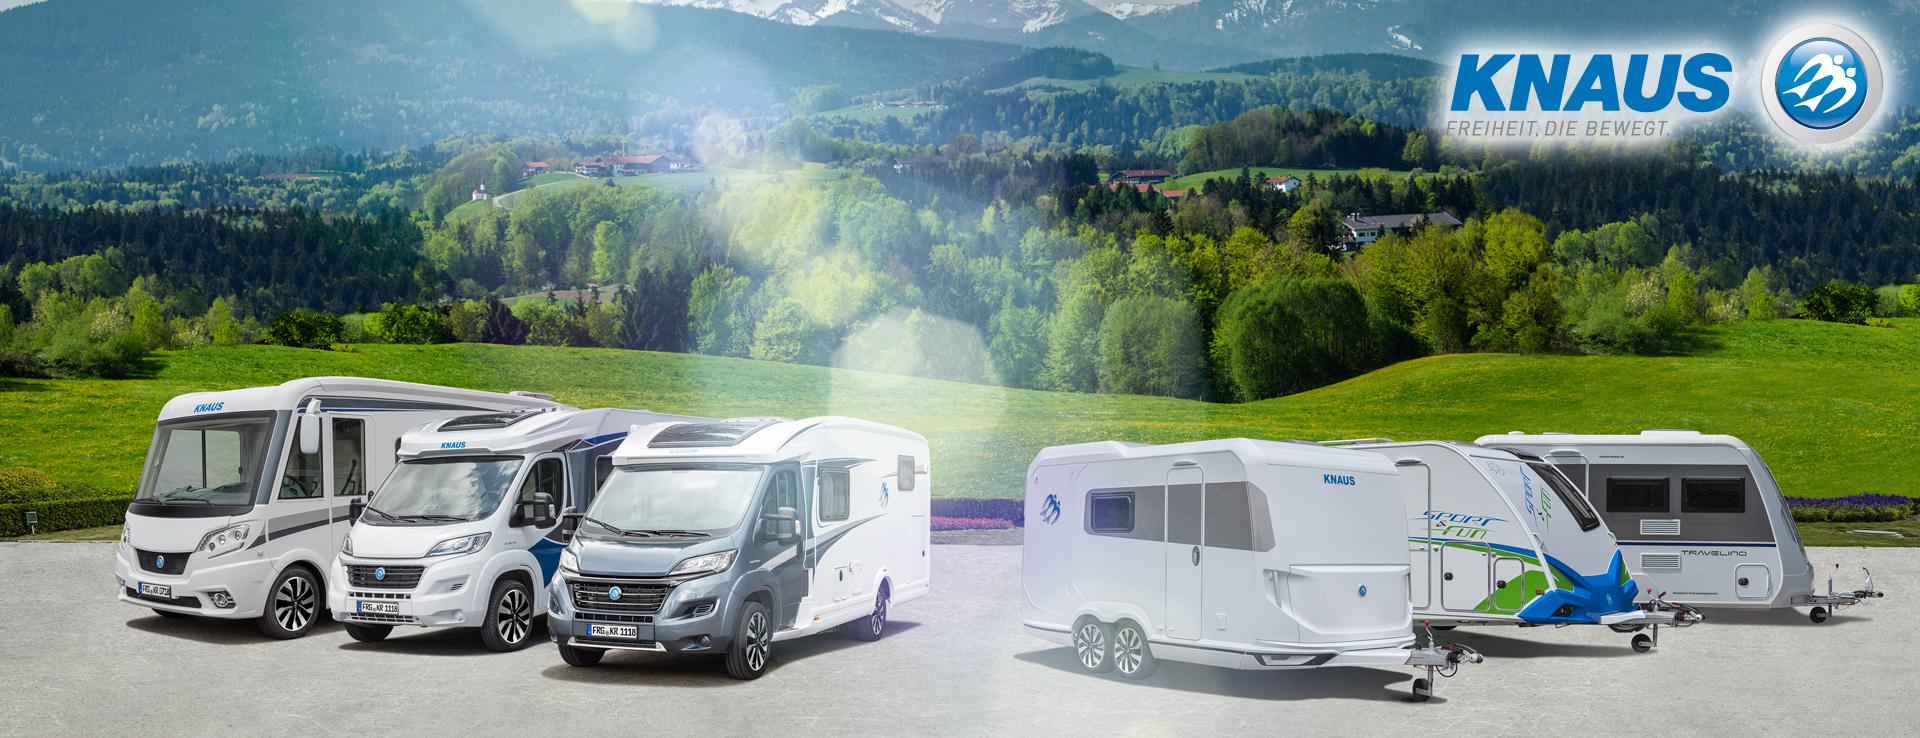 273806c17c4acf Hüttl Caravaning - Ihr Caravan und Reisemobil Fachhändler in Hessen